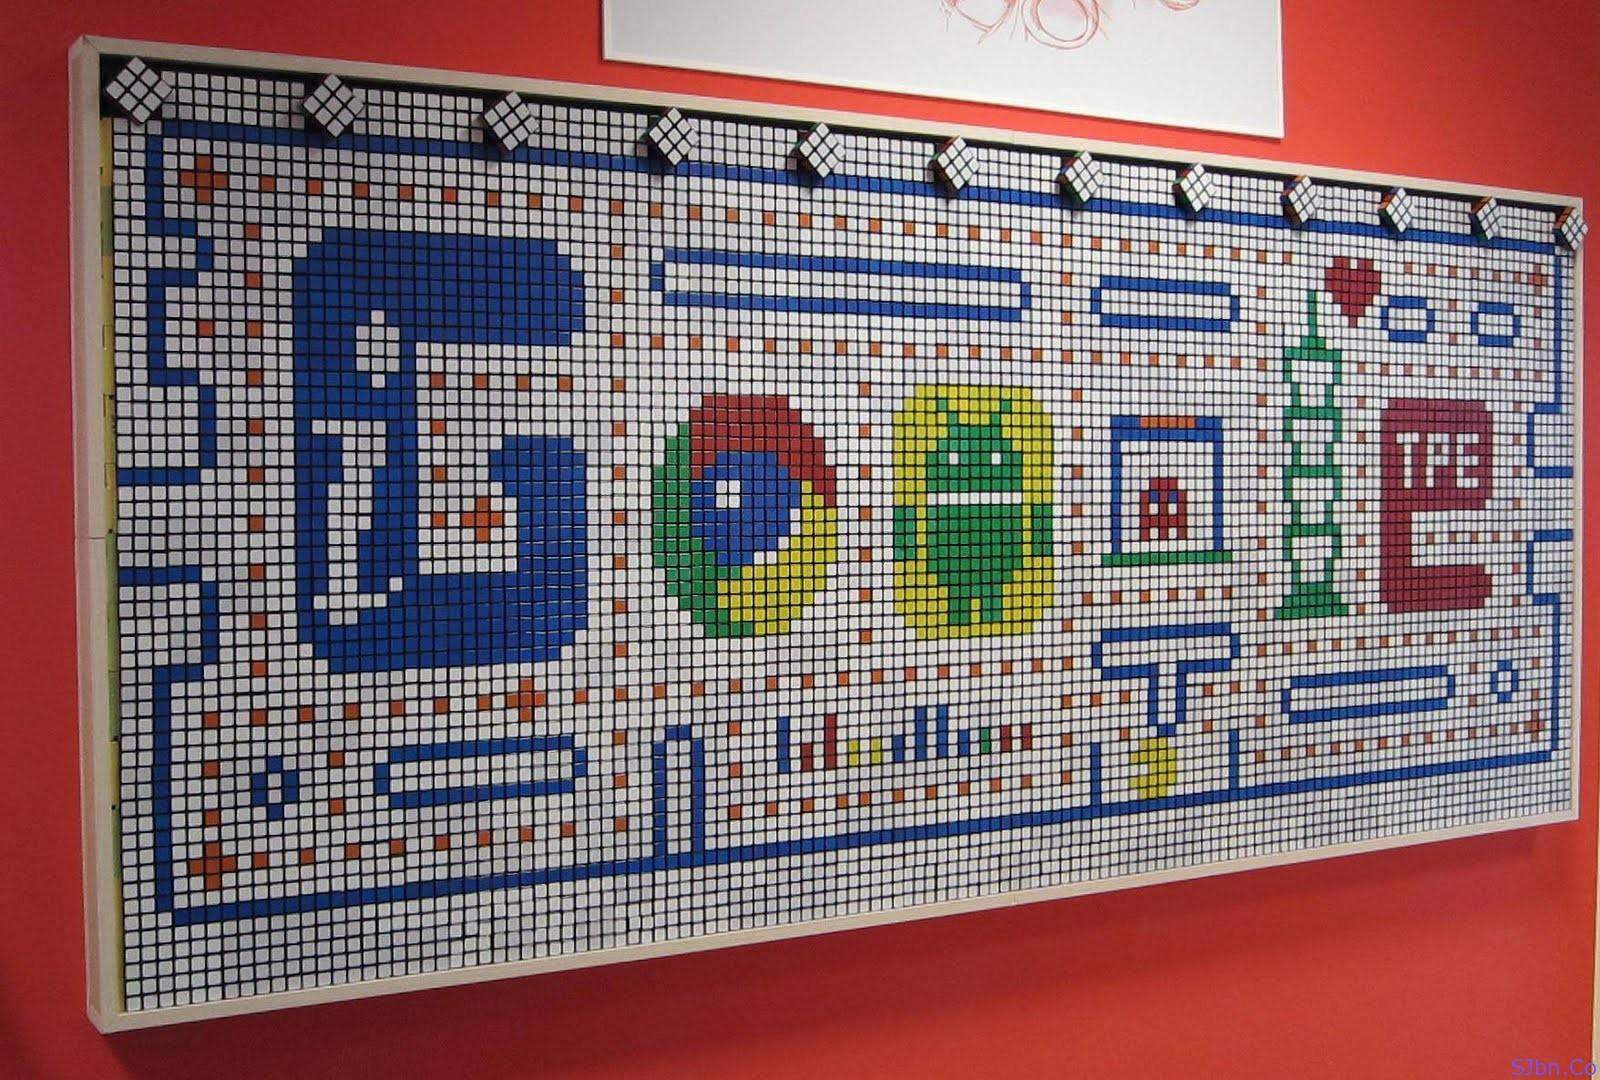 Rubik's Cubes Galore - Taipei